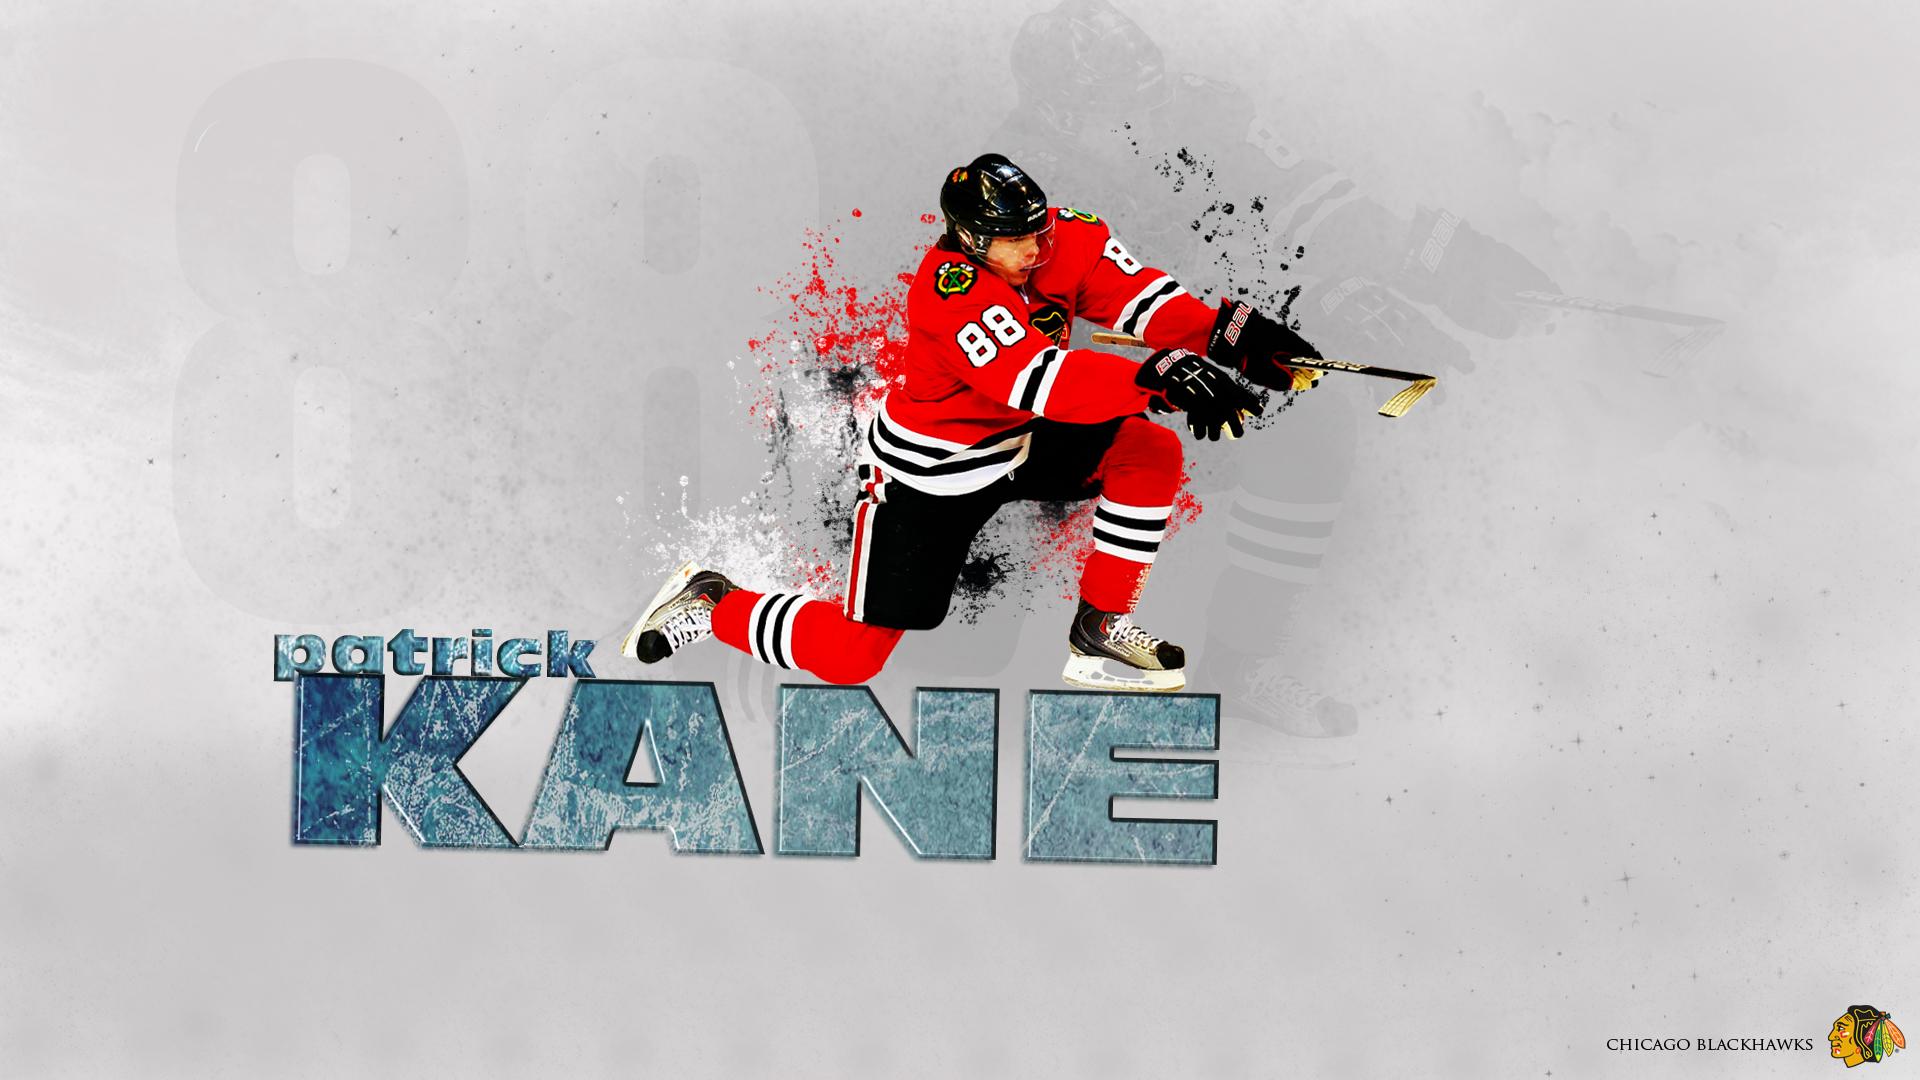 Hockey Chicago Blackhawks Patrick Kane wallpaper 1920x1080 128663 1920x1080